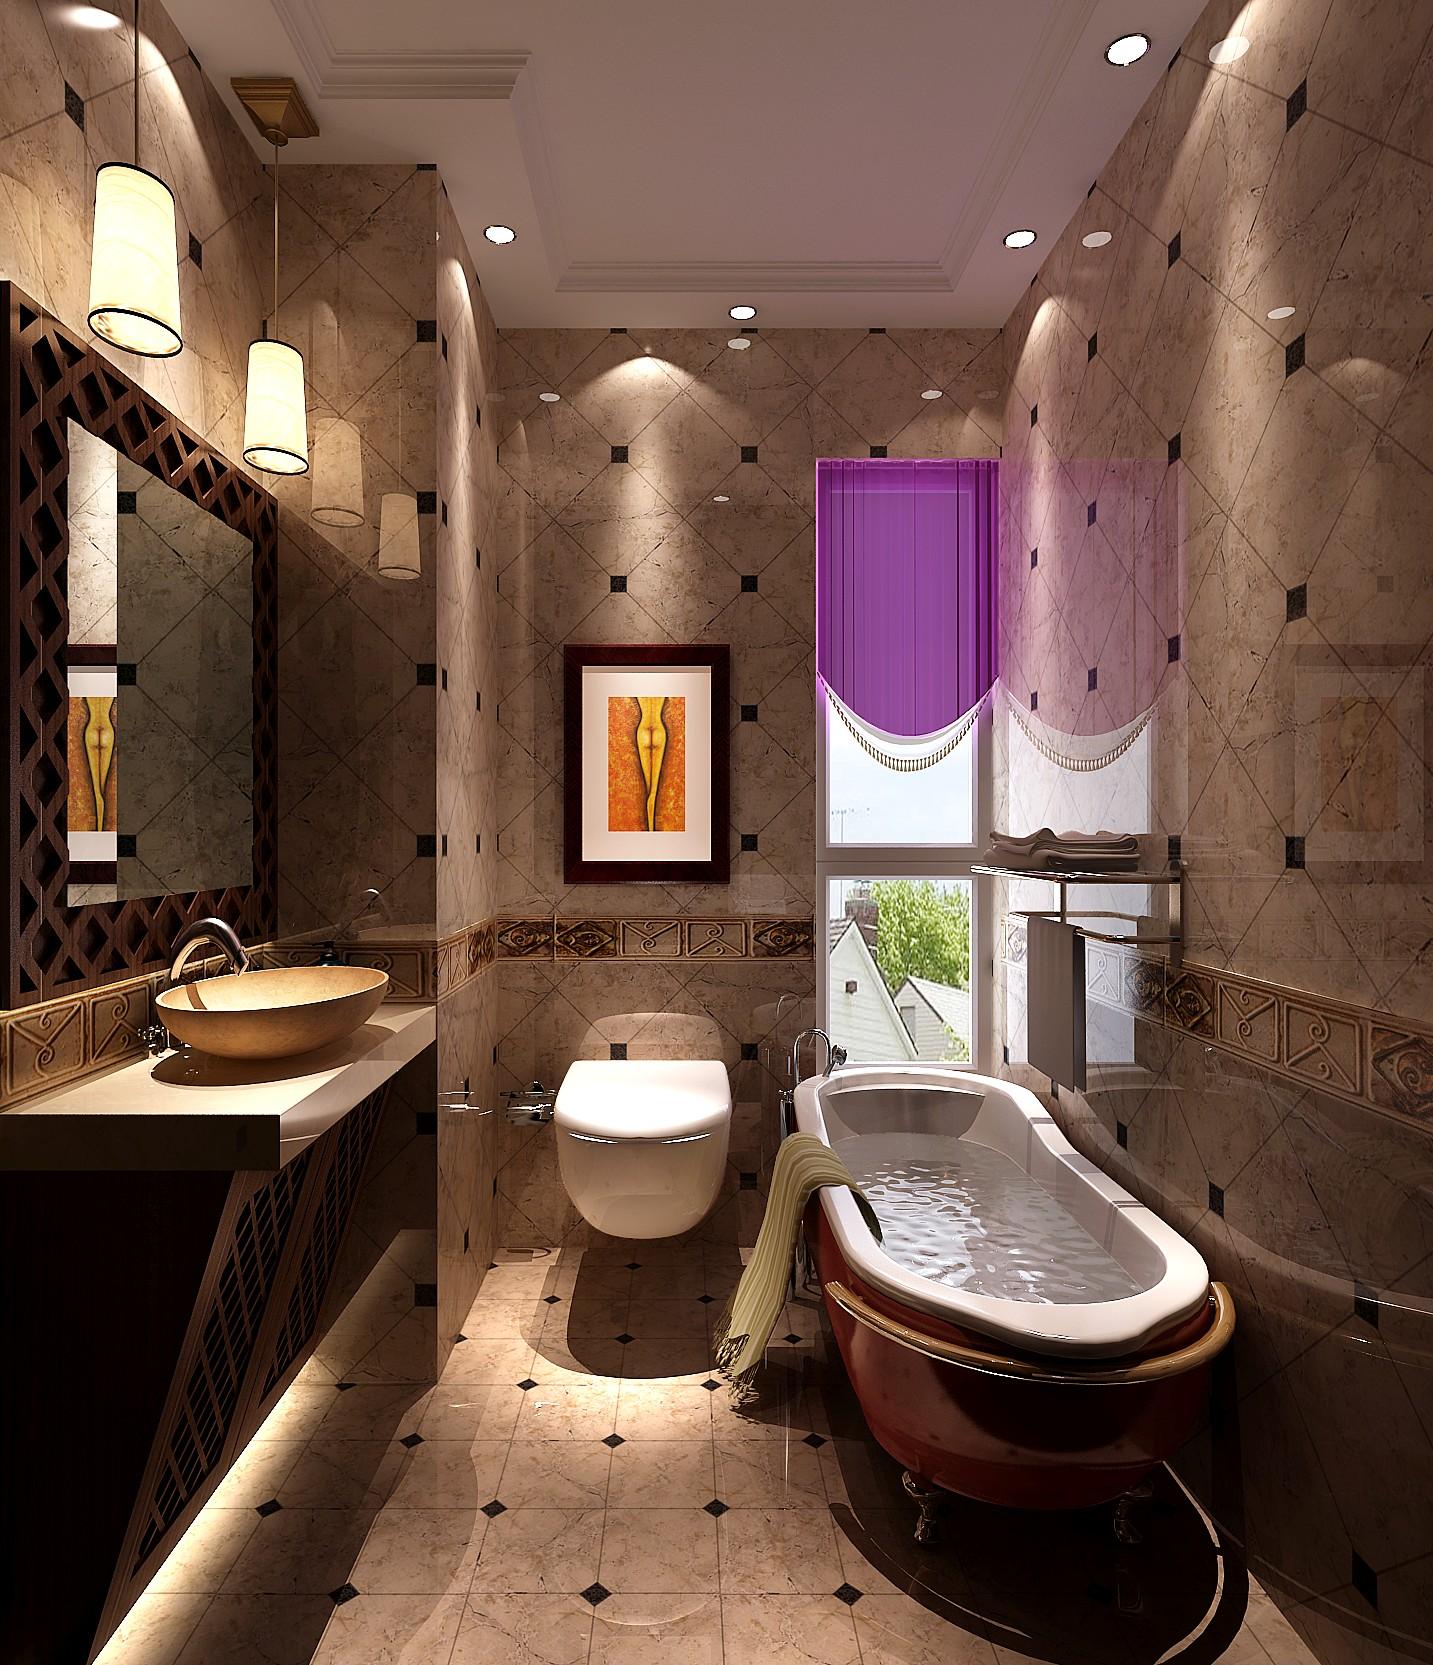 高度国际 御翠尚府 混搭 公寓 卫生间图片来自高度国际在高度国际-御翠尚府的分享